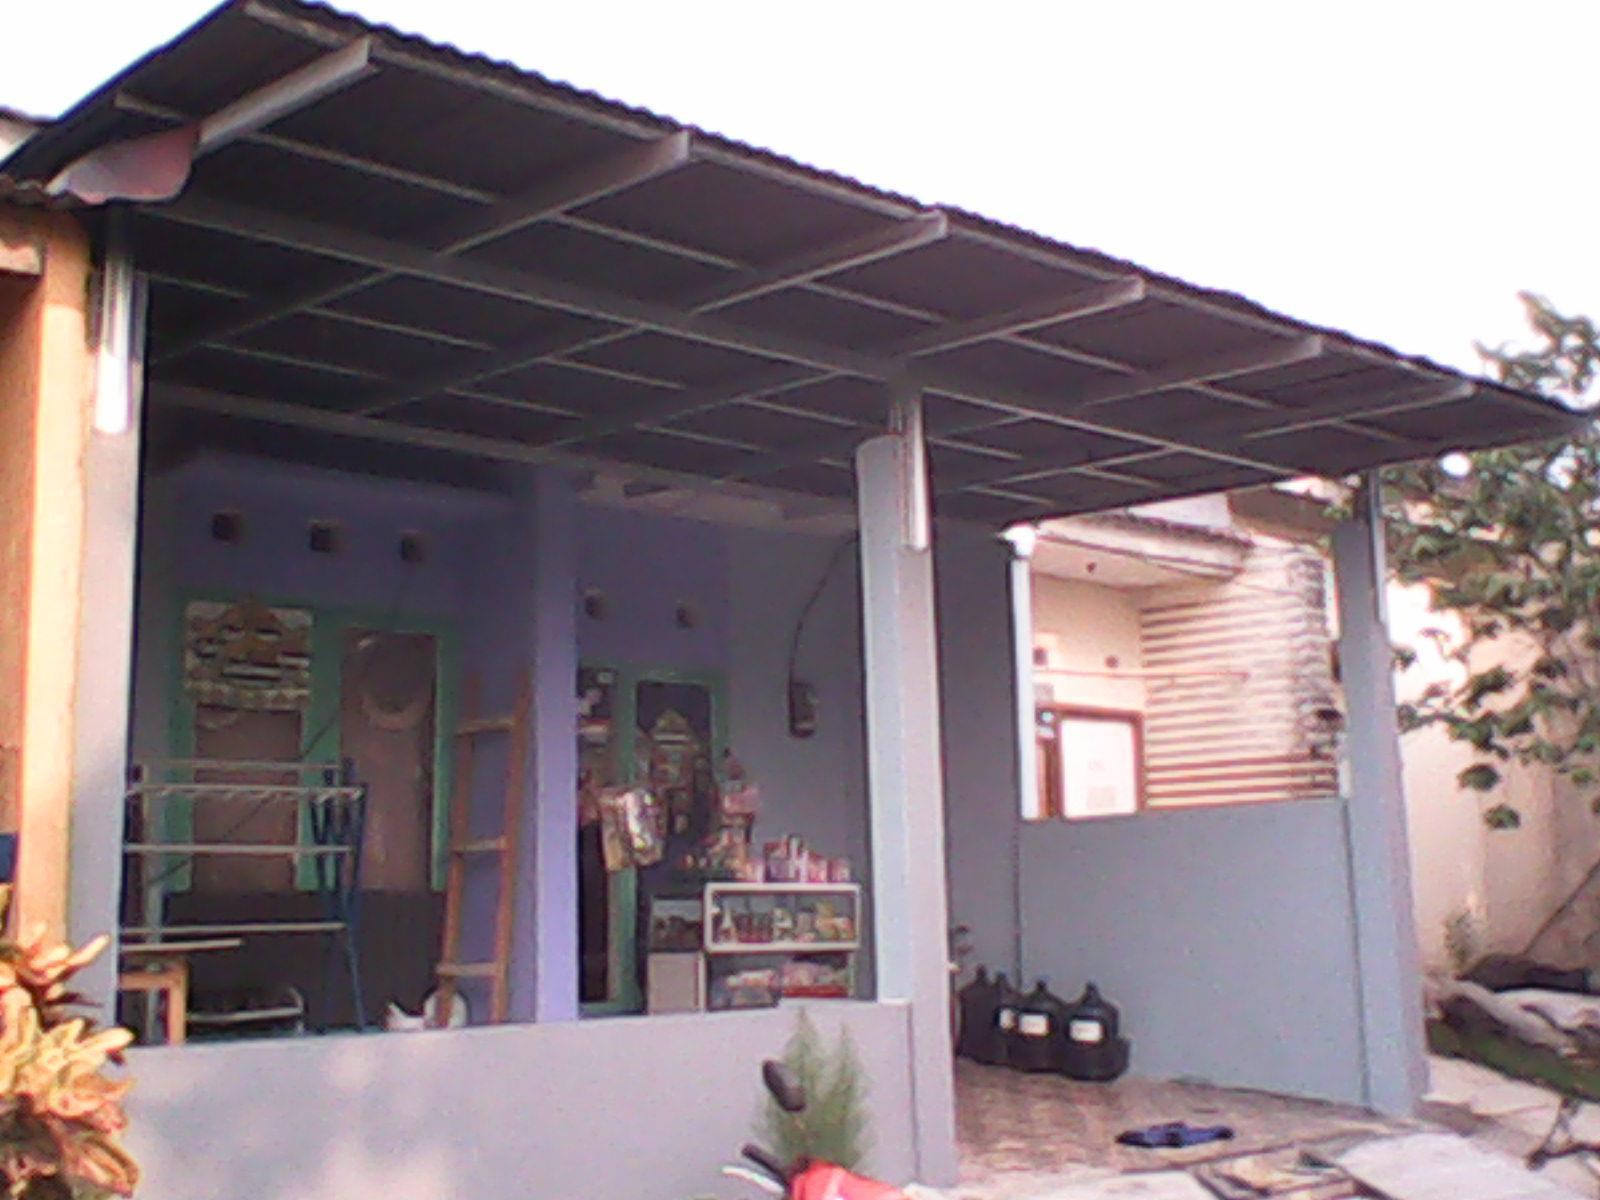 Jual Kanopi Baja Ringan Di Tangerang Harga Murah Kota Tangerang